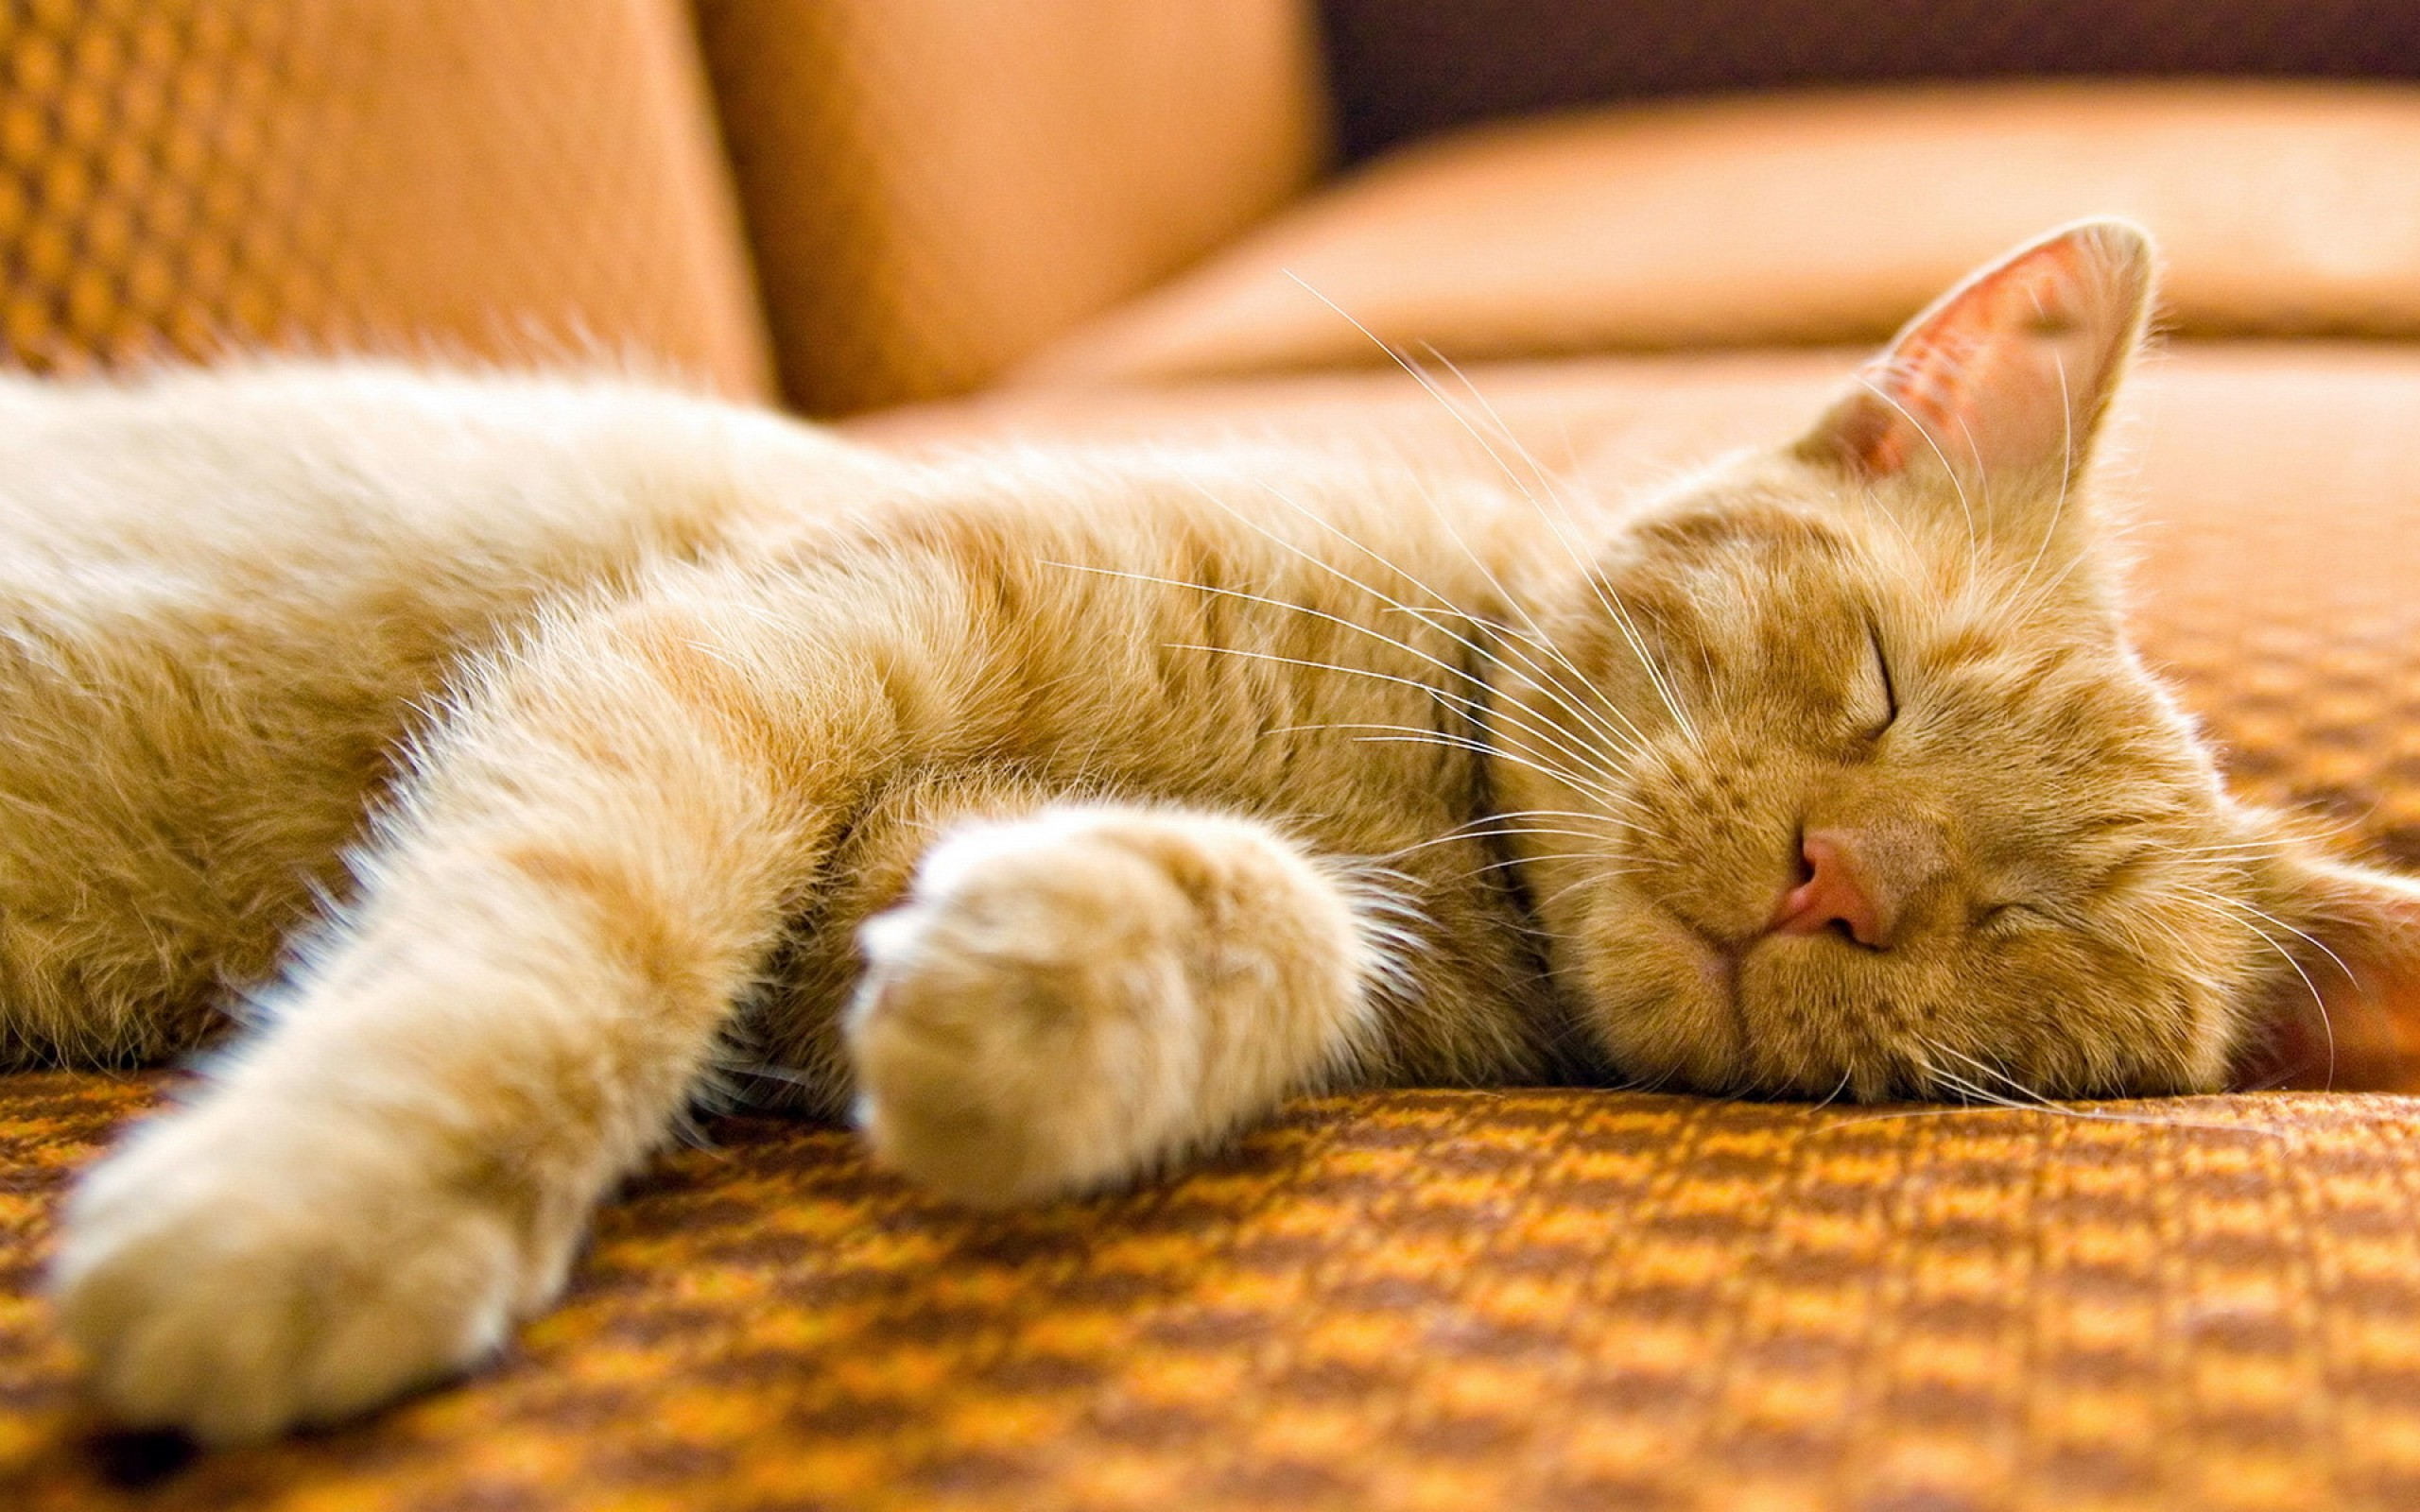 Beautiful Sleeping Cat Wallpaper